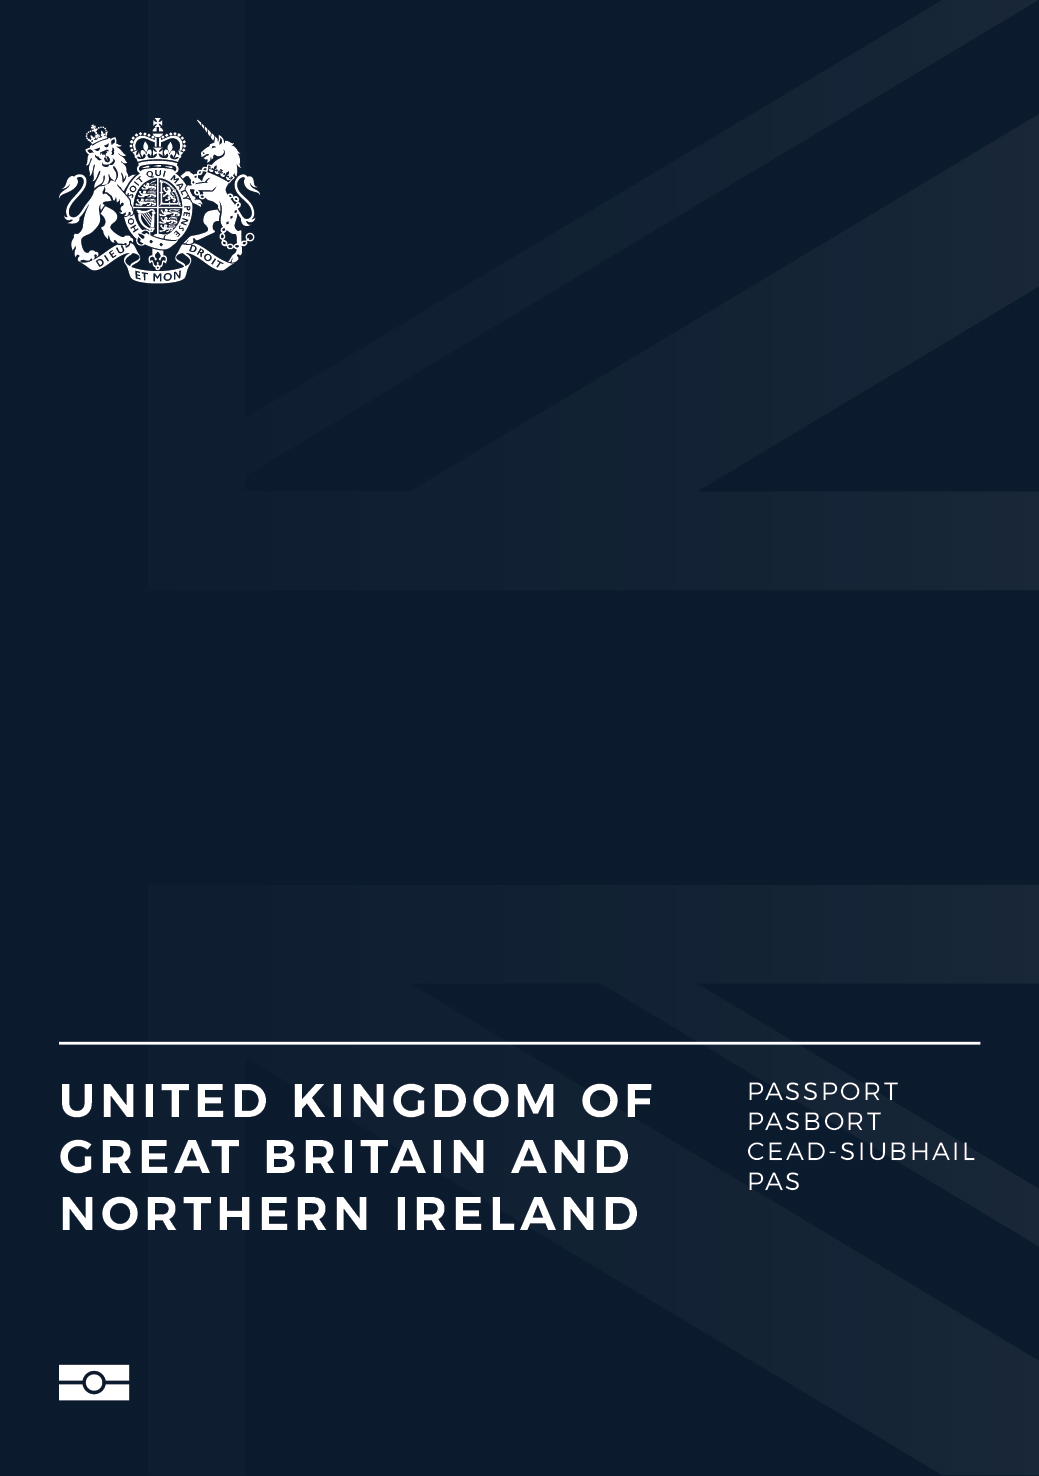 Dezeen Passport Competition